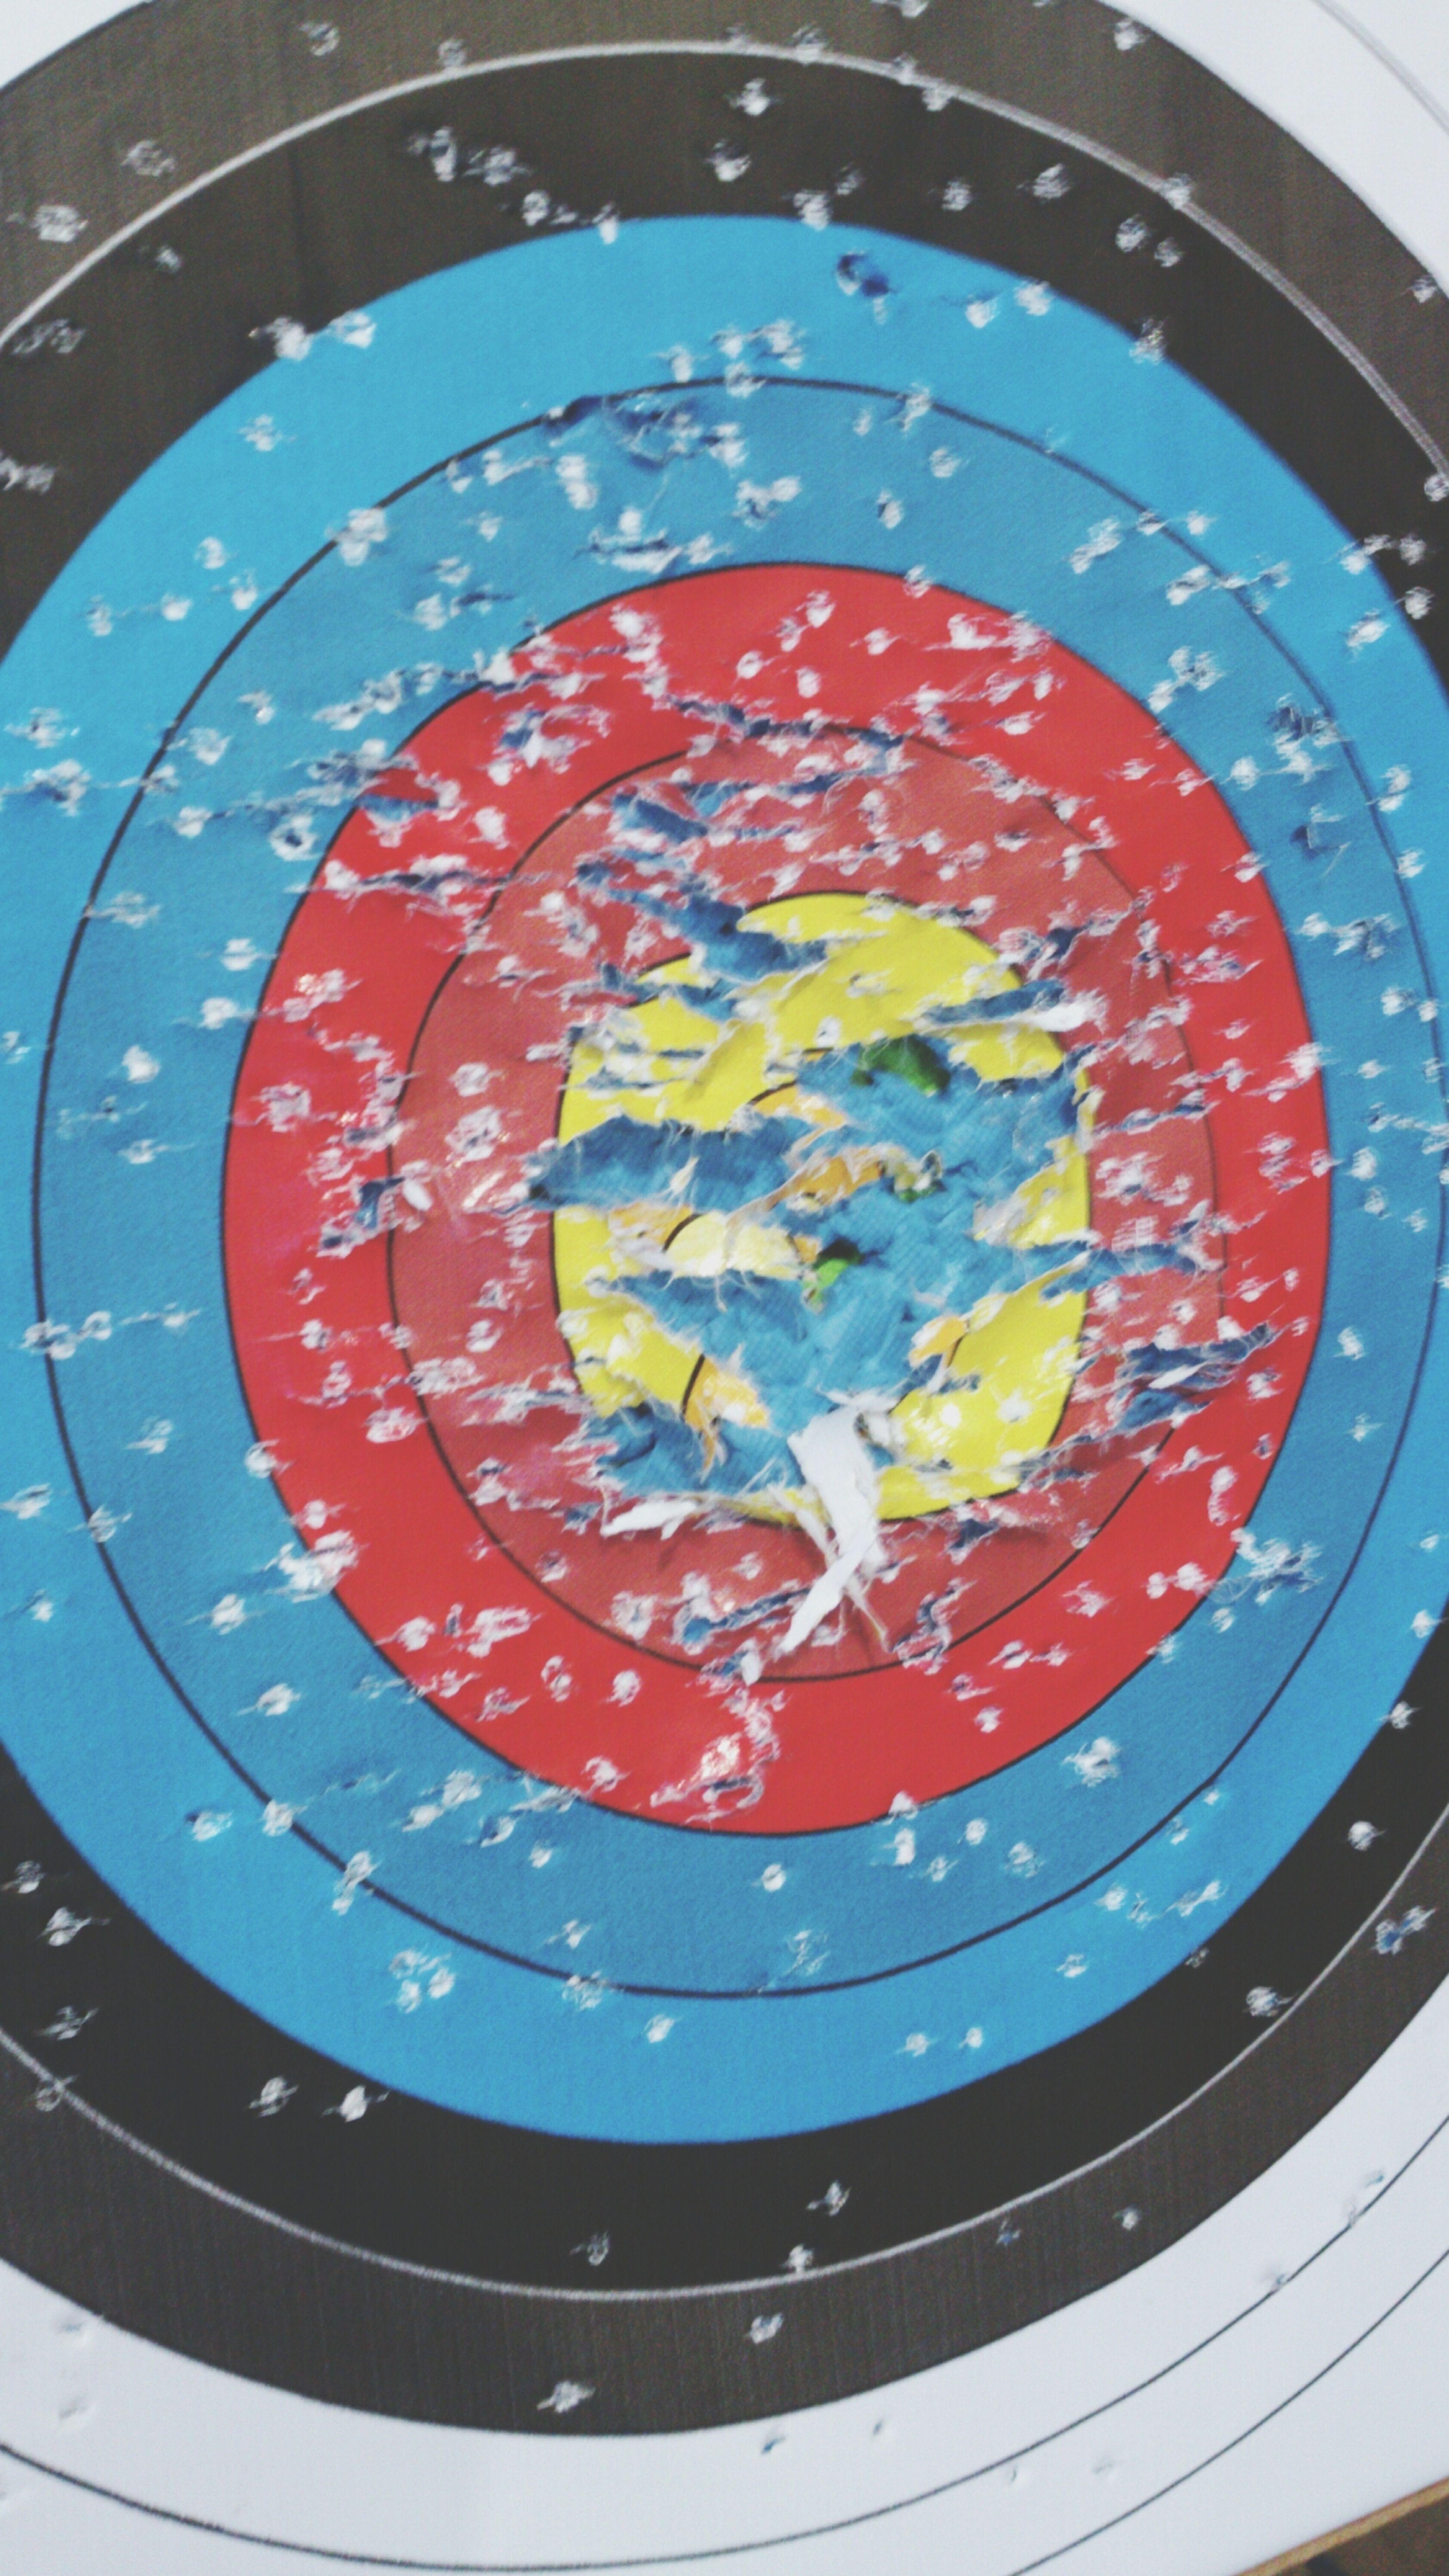 Archery Kersaniarchery Sport Bow